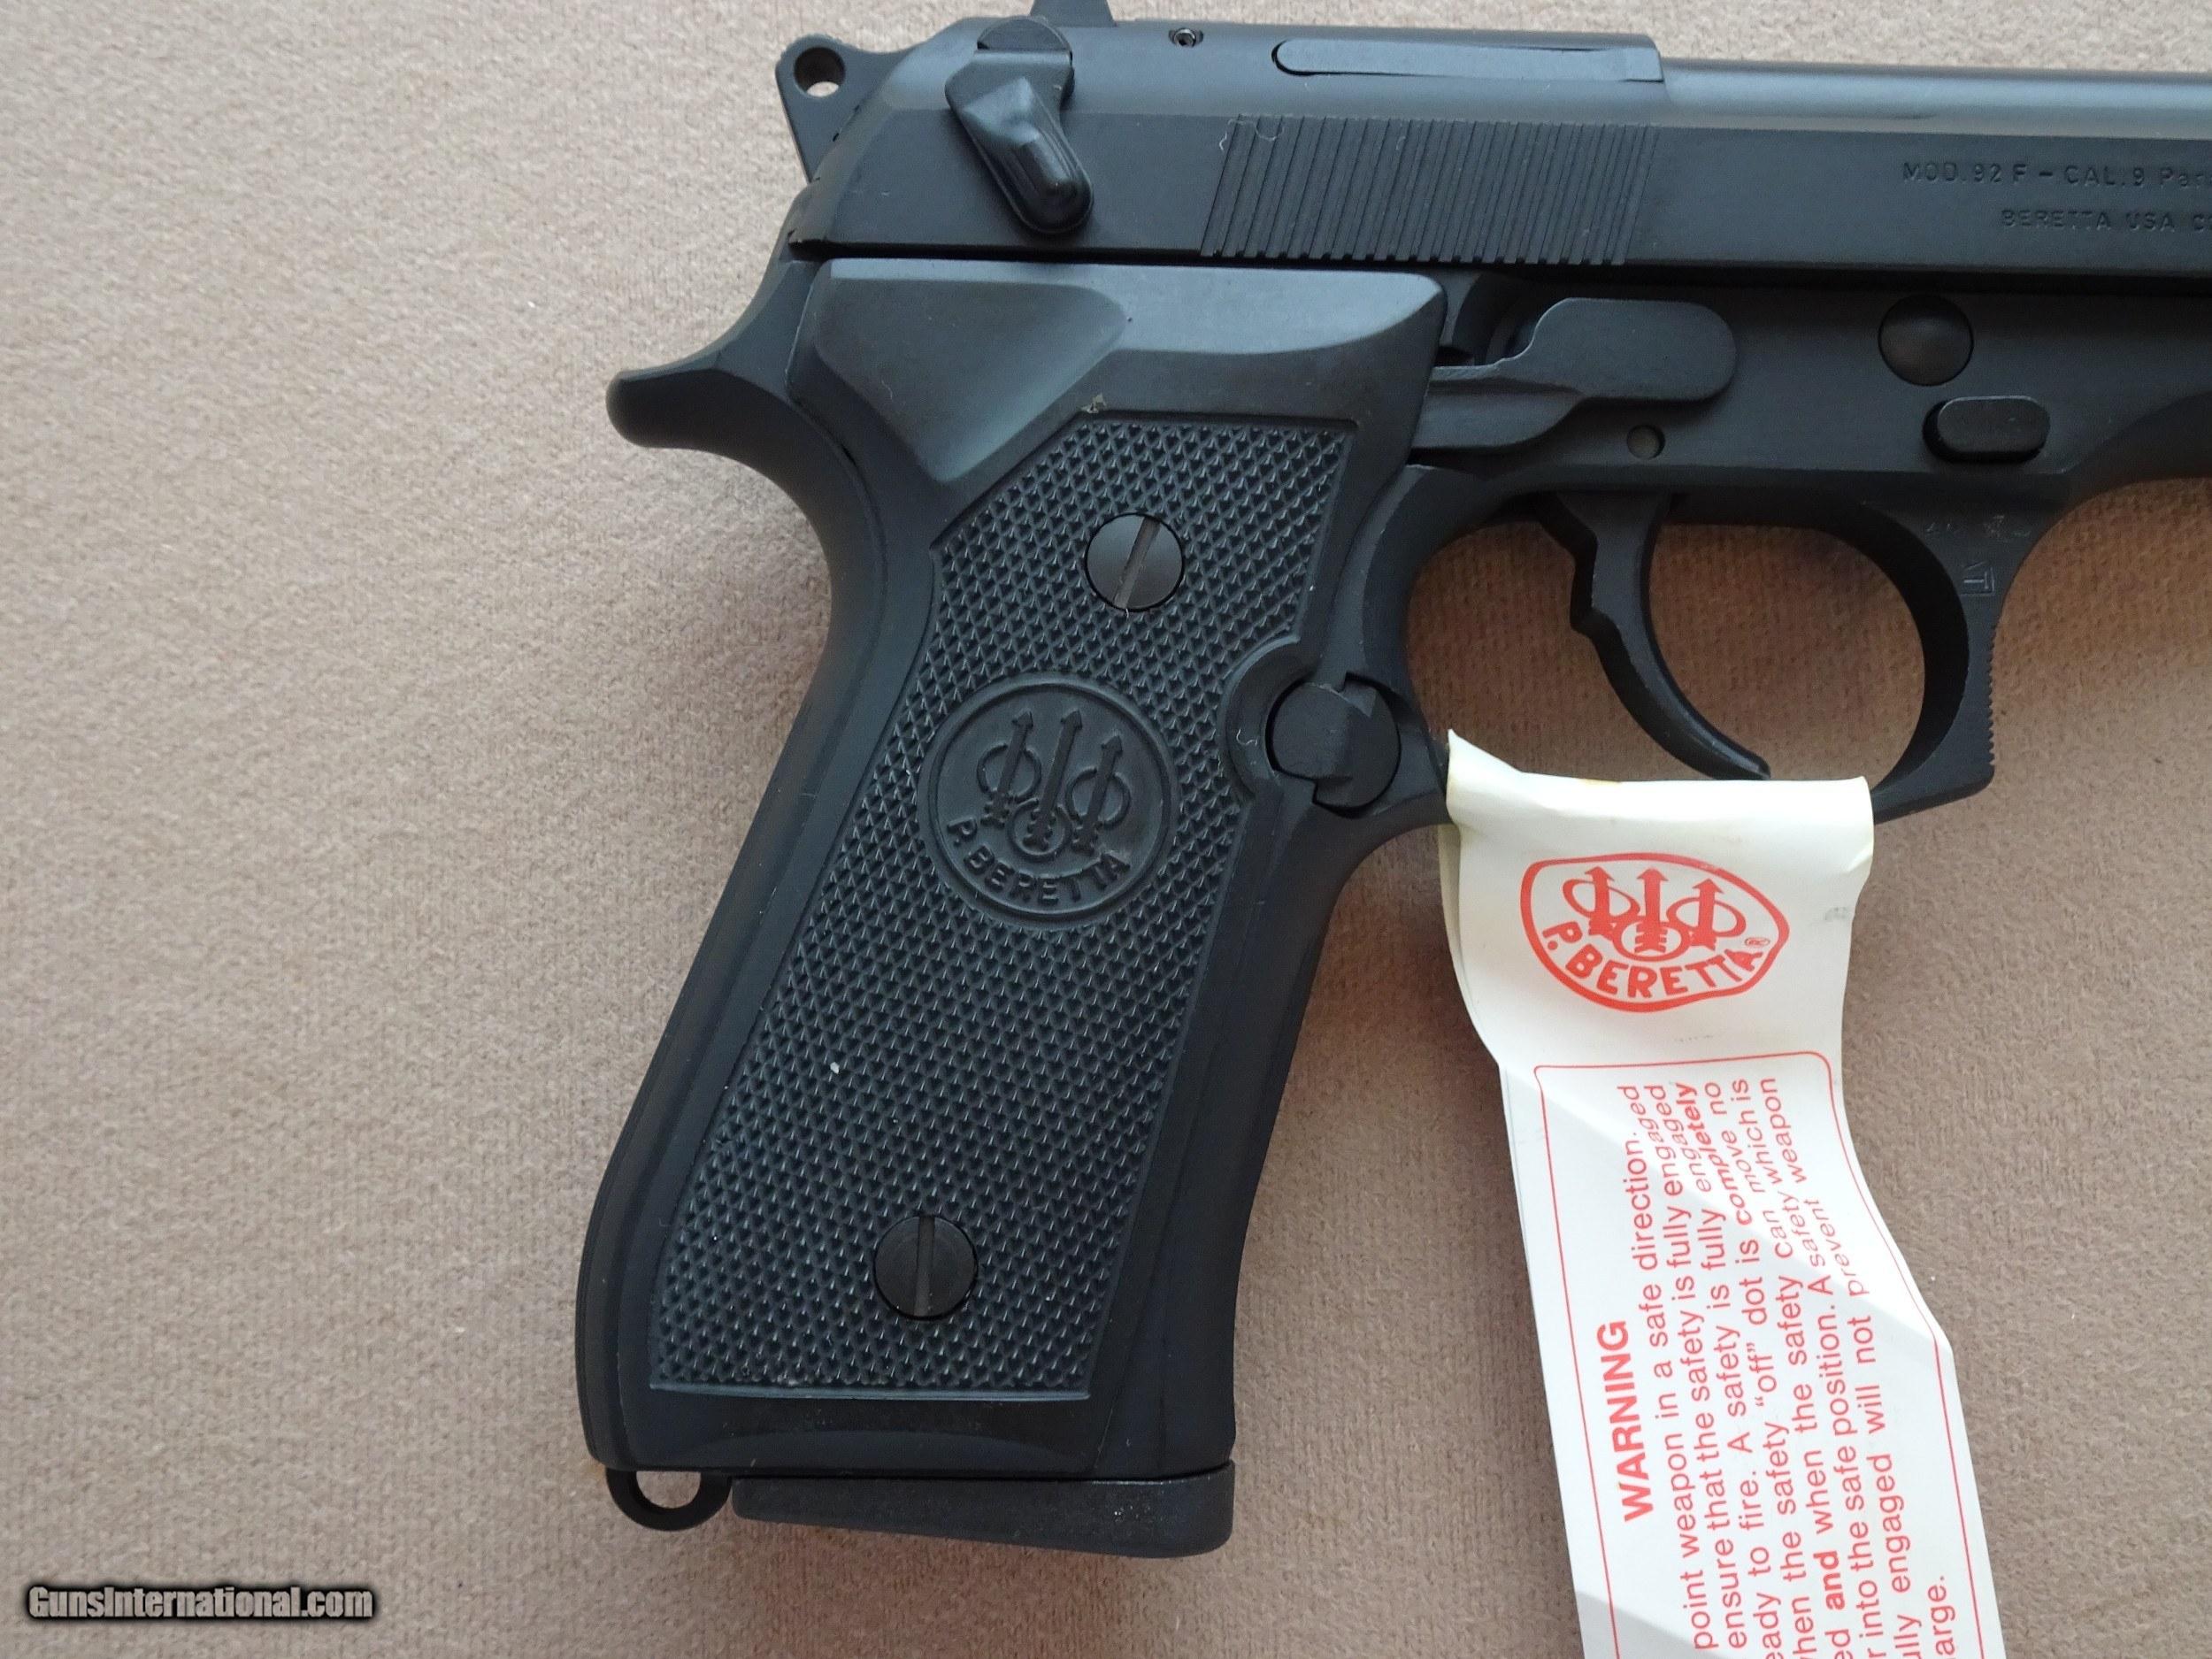 1989 Beretta Model 92F 9mm Pistol w/ Original Box, Paperwork